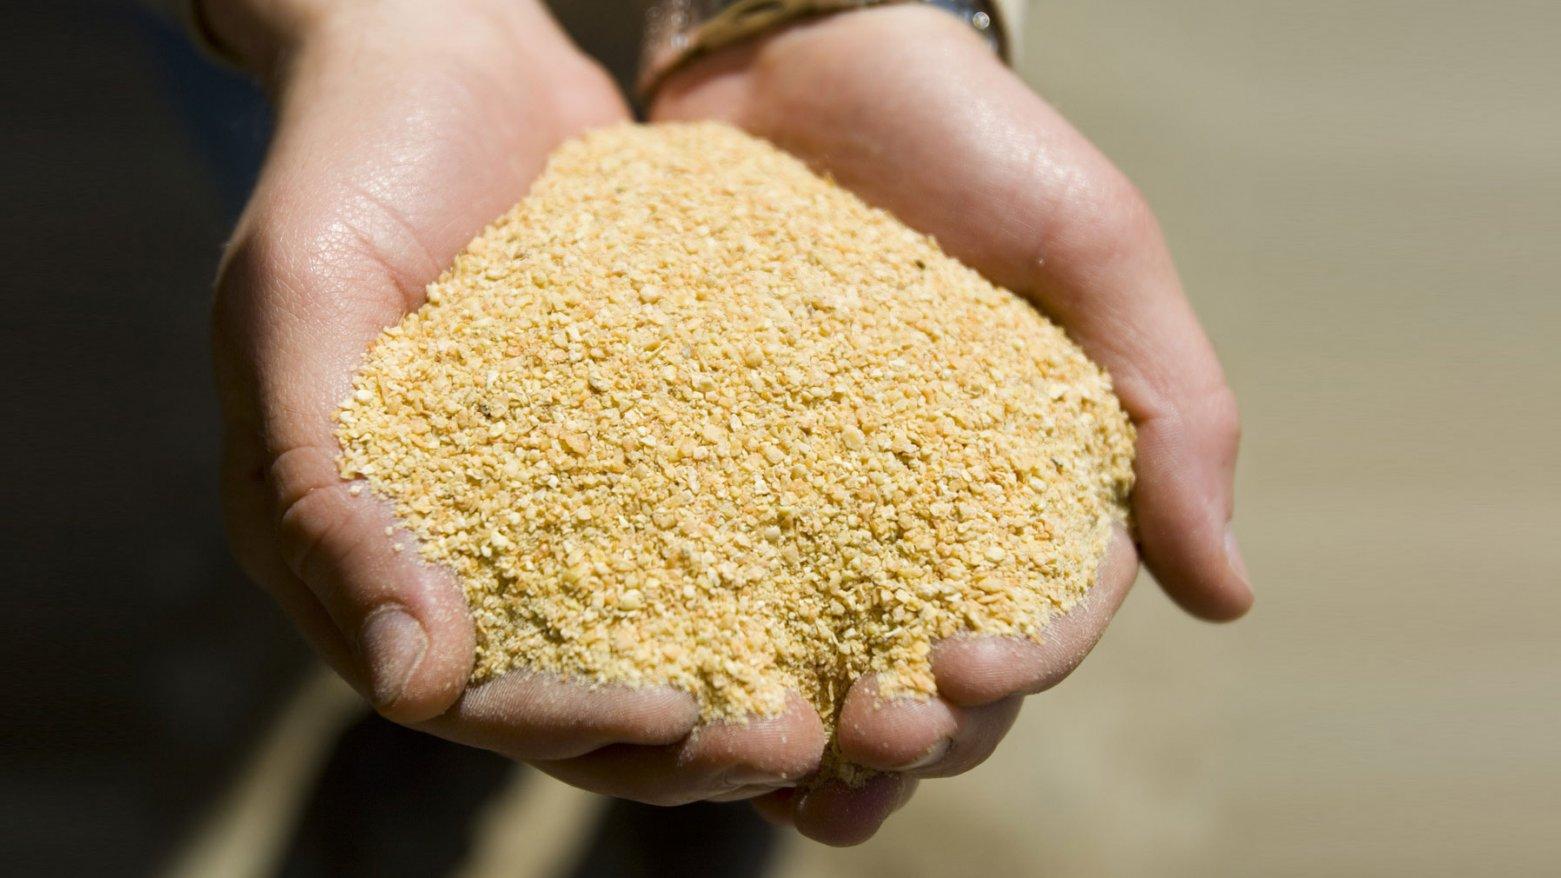 豆粕是年夜豆炼油后下足料,属于优良饲料(图源:养猪业网站Pig333)